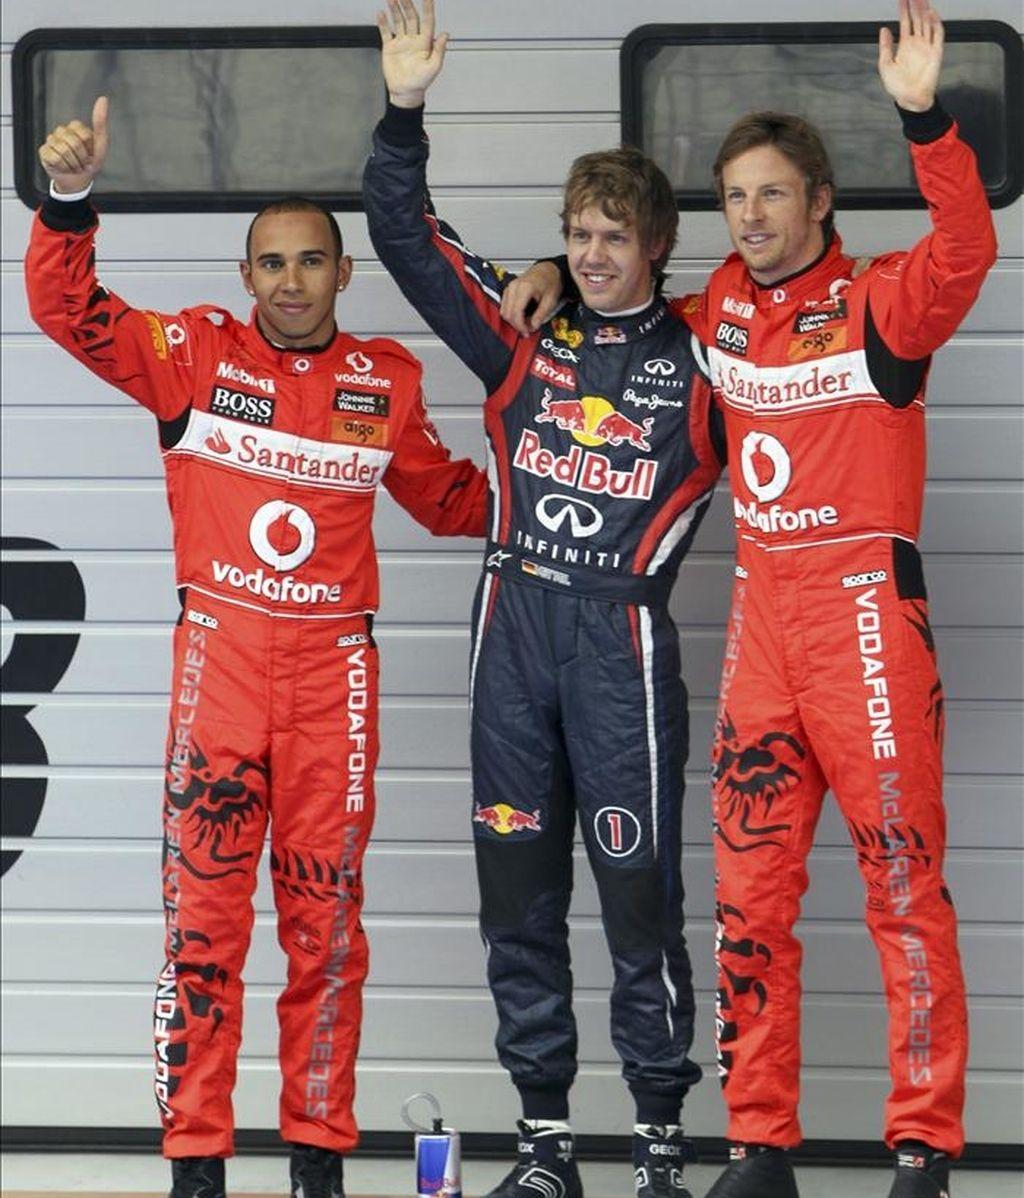 El piloto alemán de Fórmula Uno Sebastian Vettel (c), de la escudería Red Bull Racing, saluda a sus aficionados después de lograr la pole en la sesión clasificatoria del Gran Premio de China de Fórmula Uno, por delante de los británicos Jenson Button (d) y Lewis Hamilton (d), ambos de la escudería McLaren Mercedes, en Shanghái (China), hoy. EFE